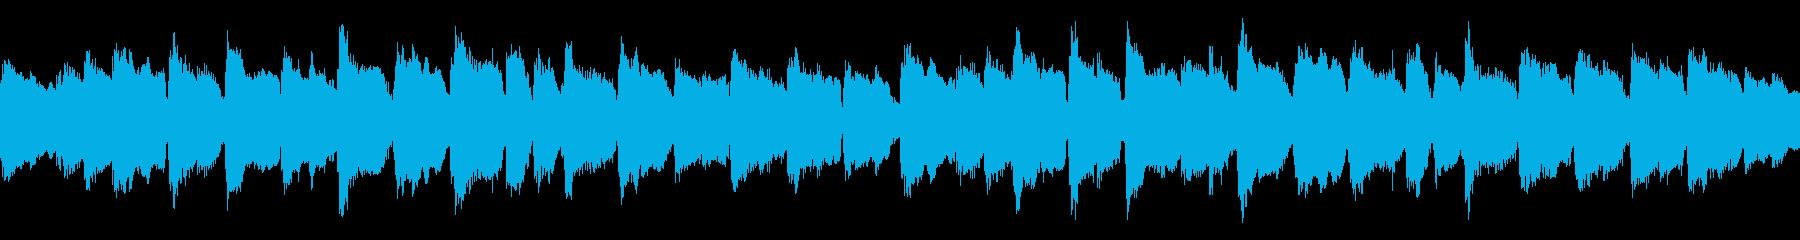 子守唄の様な弦楽器のアンサンブルのループの再生済みの波形